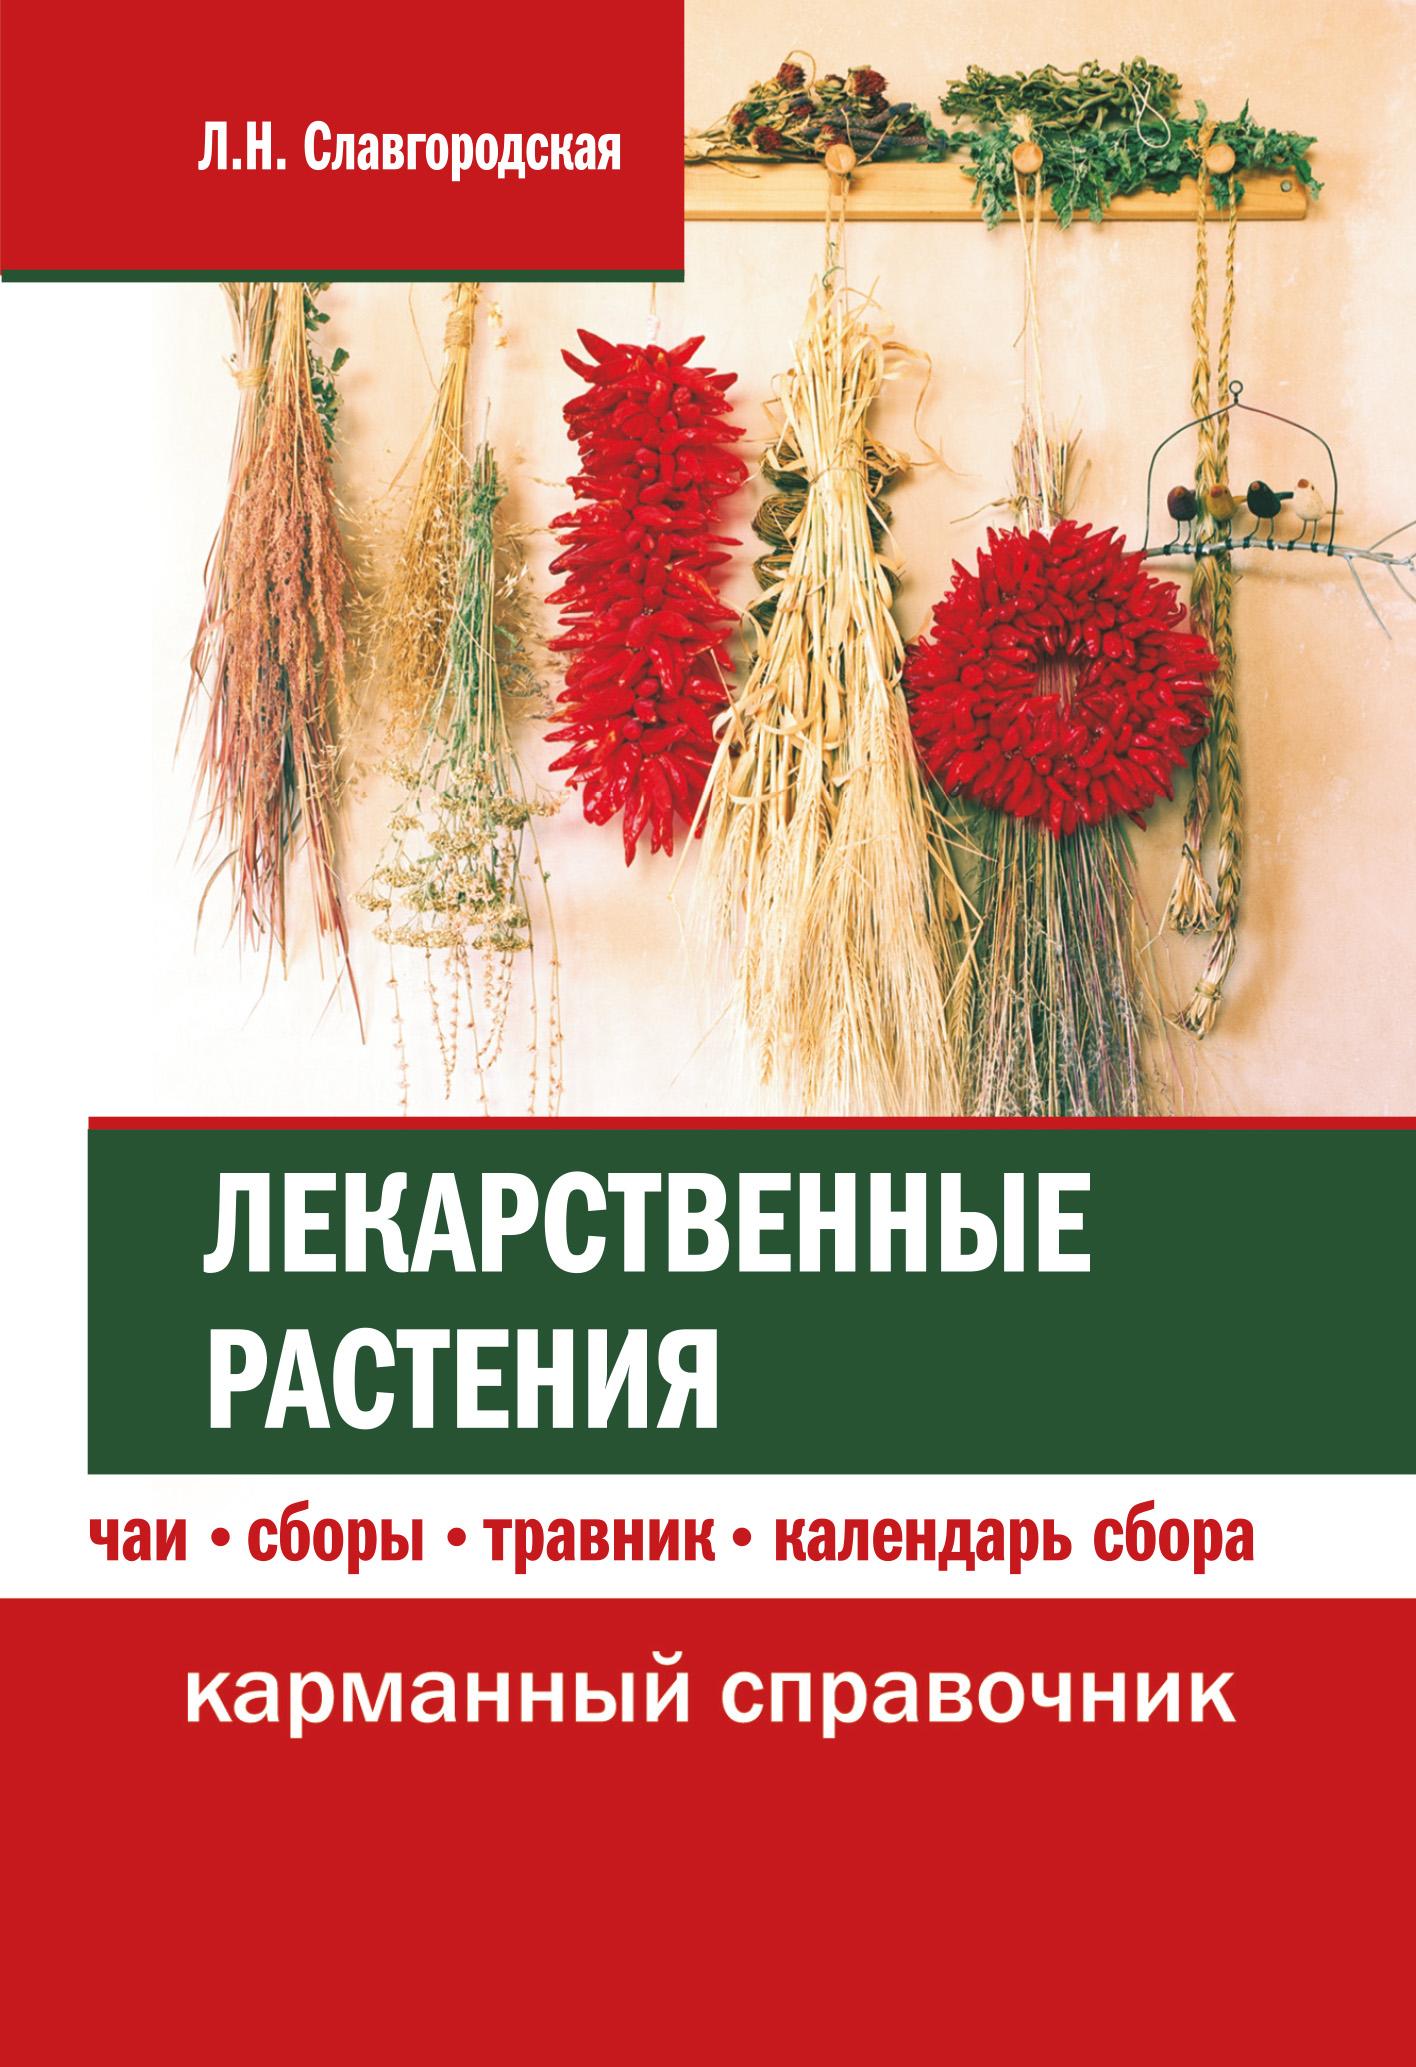 Лариса Славгородская Лекарственные растения: чаи, сборы, травник, календарь сбора